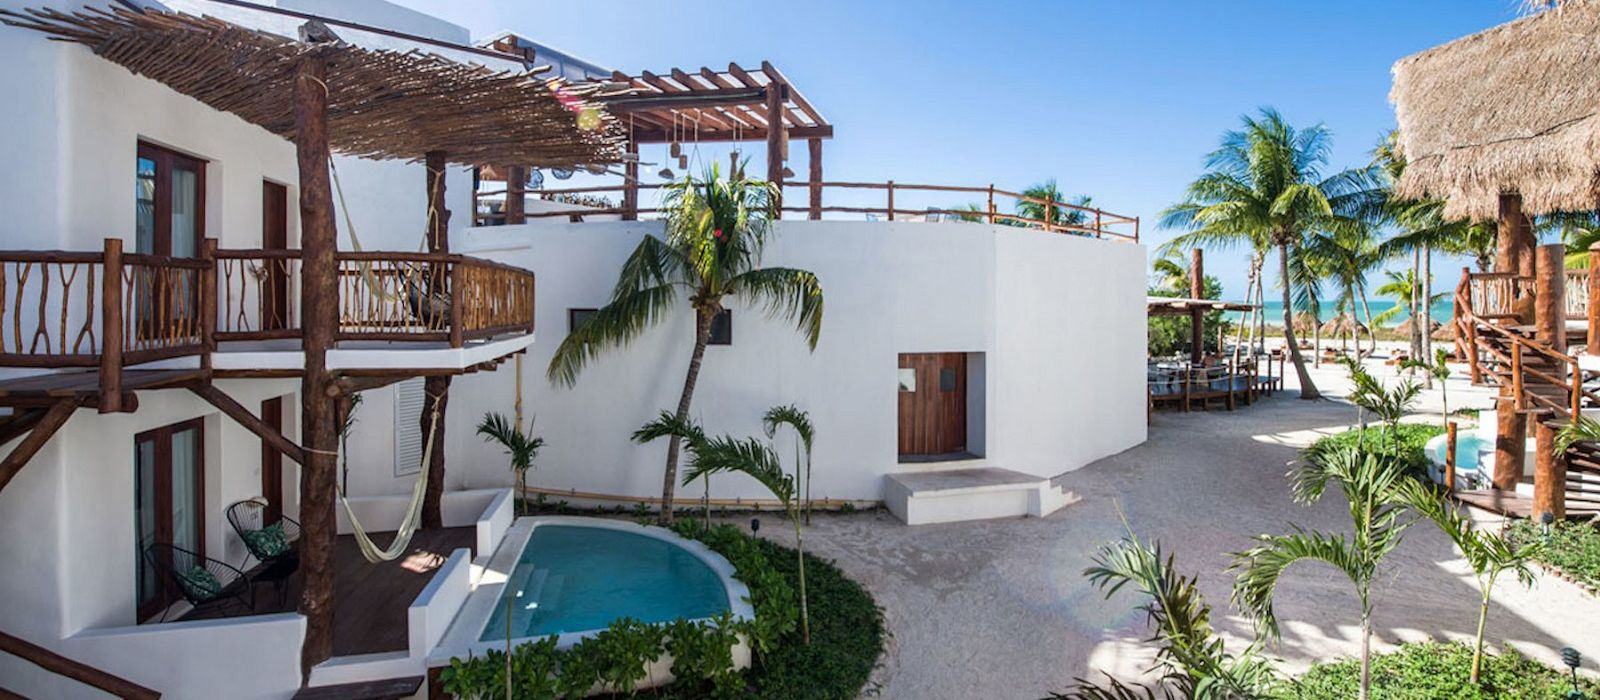 Hotel Villas HM Palapas del Mar Mexico